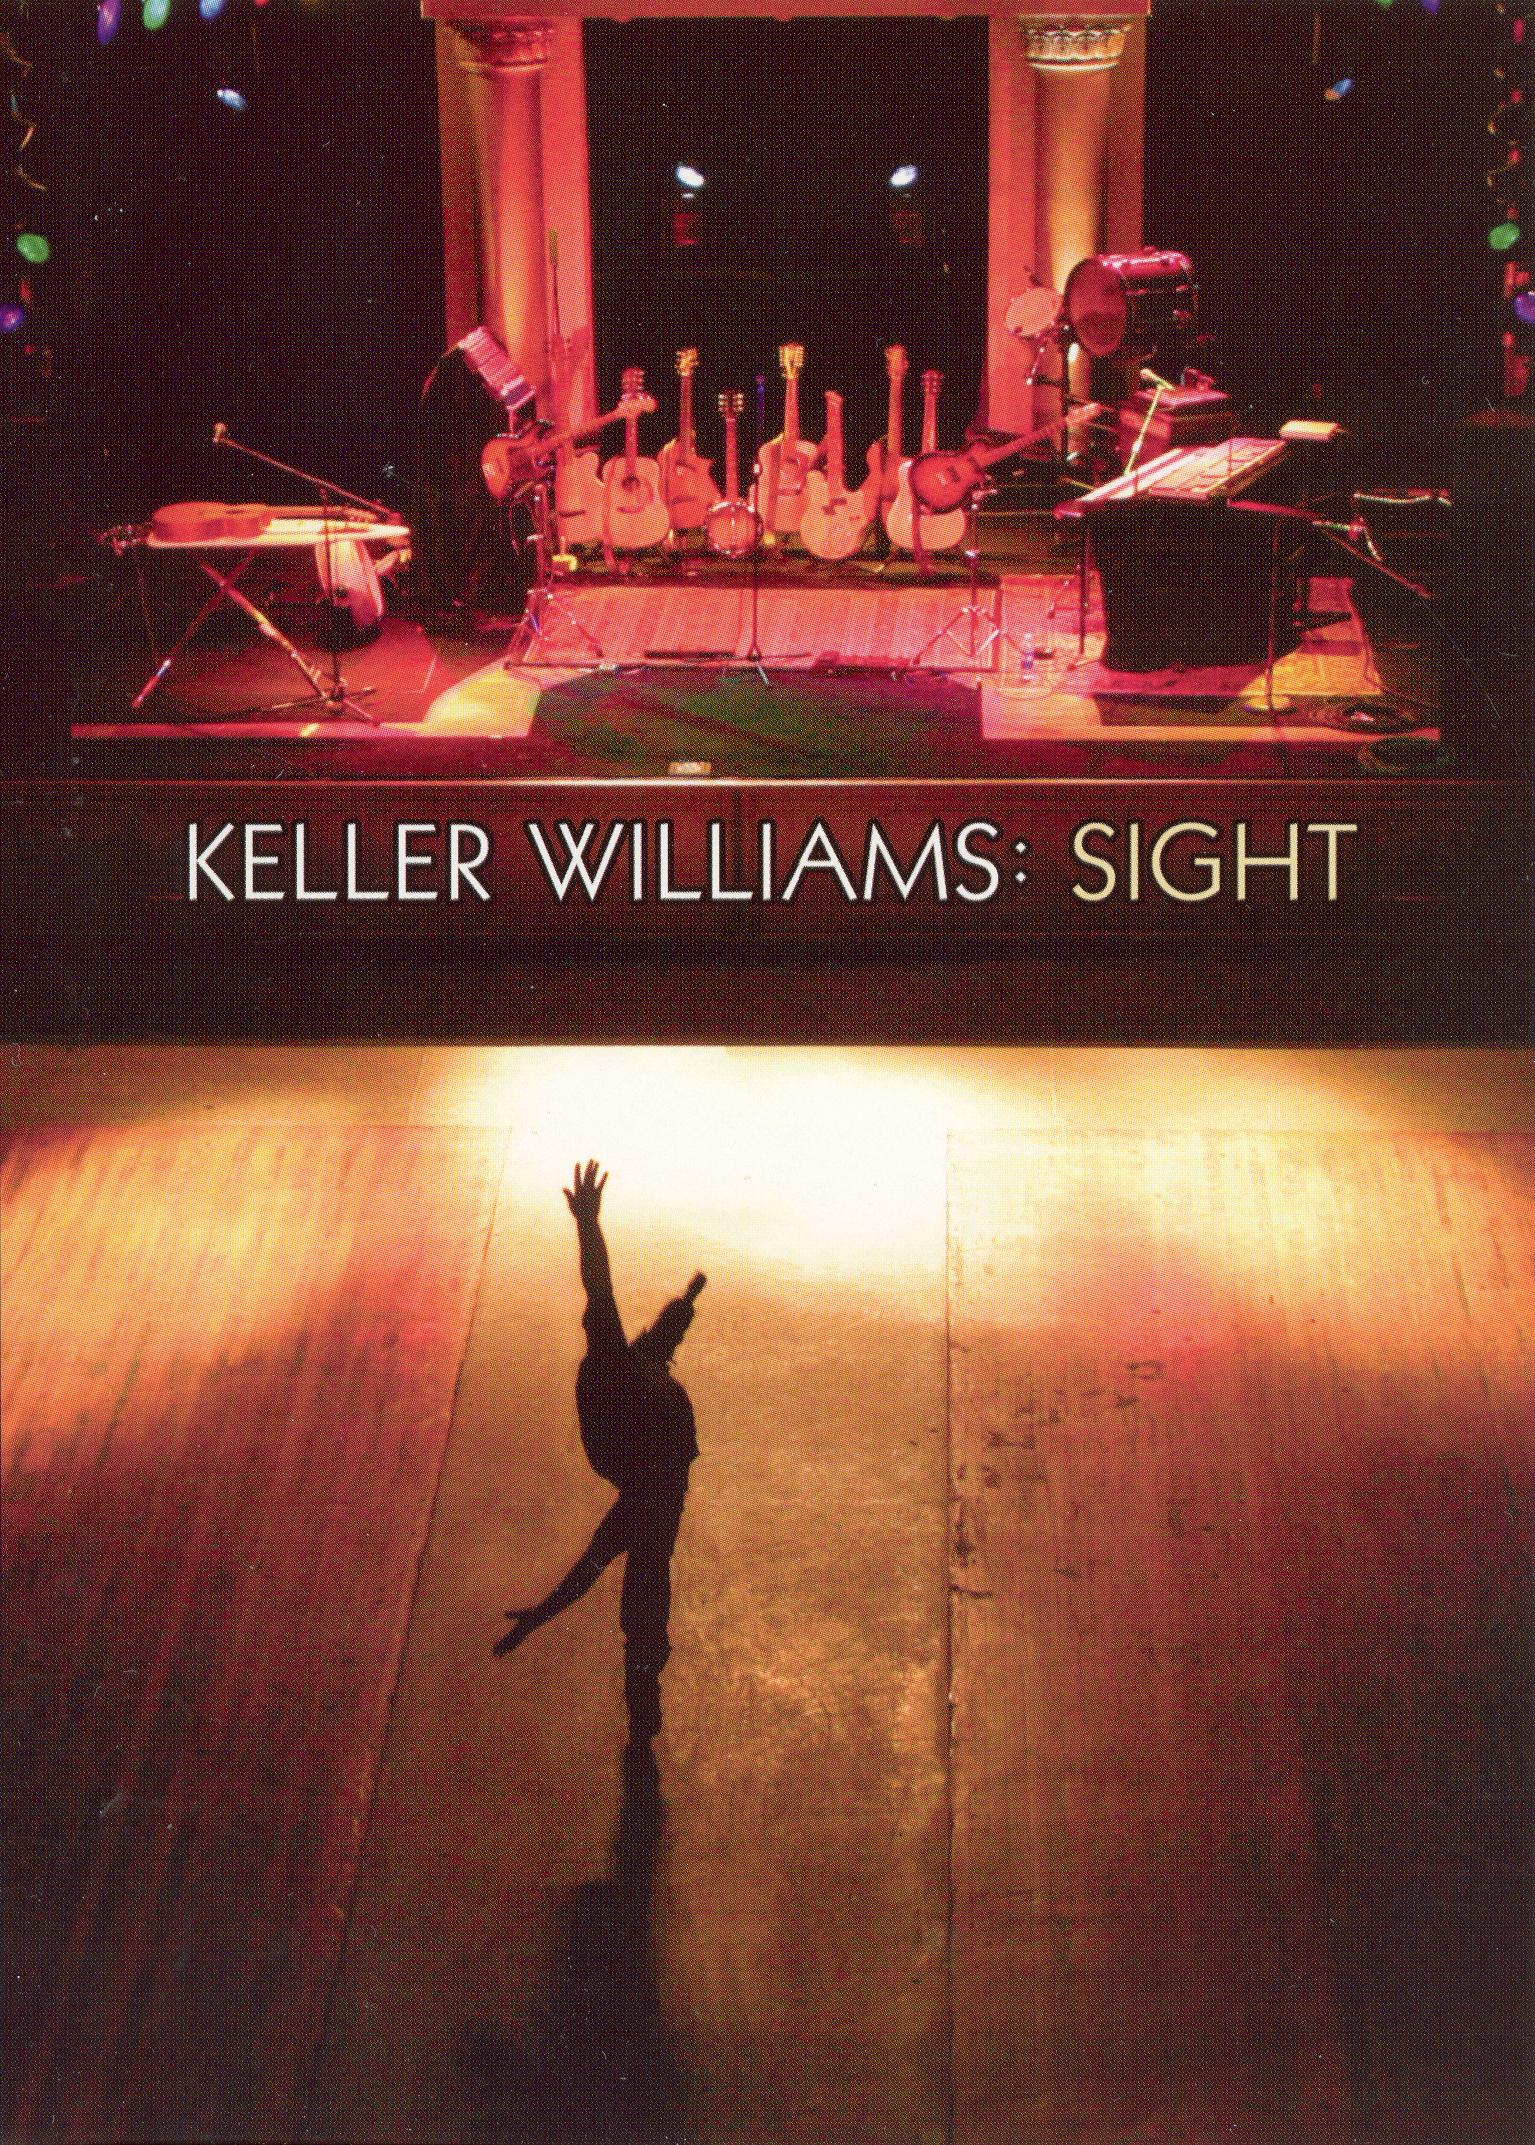 Keller Williams: Sight